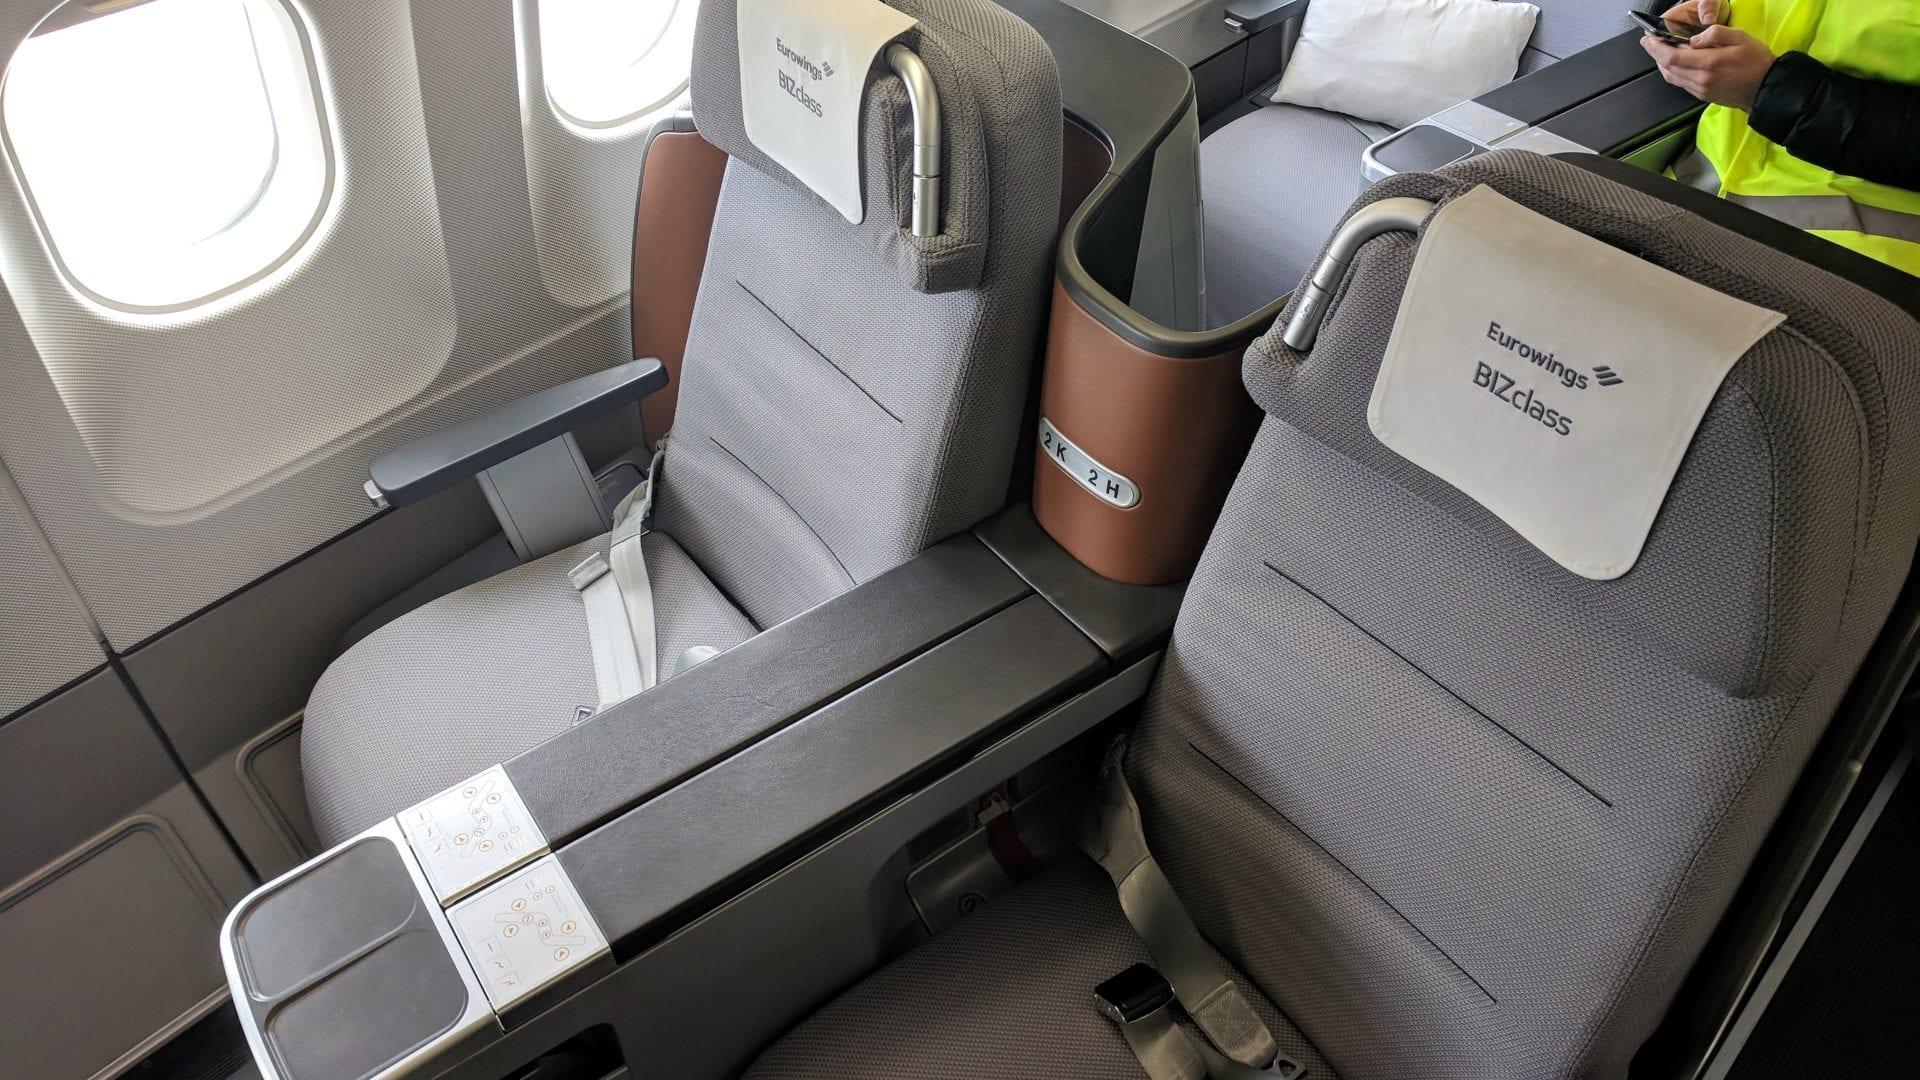 Eurowings A340 BIZclass (2)